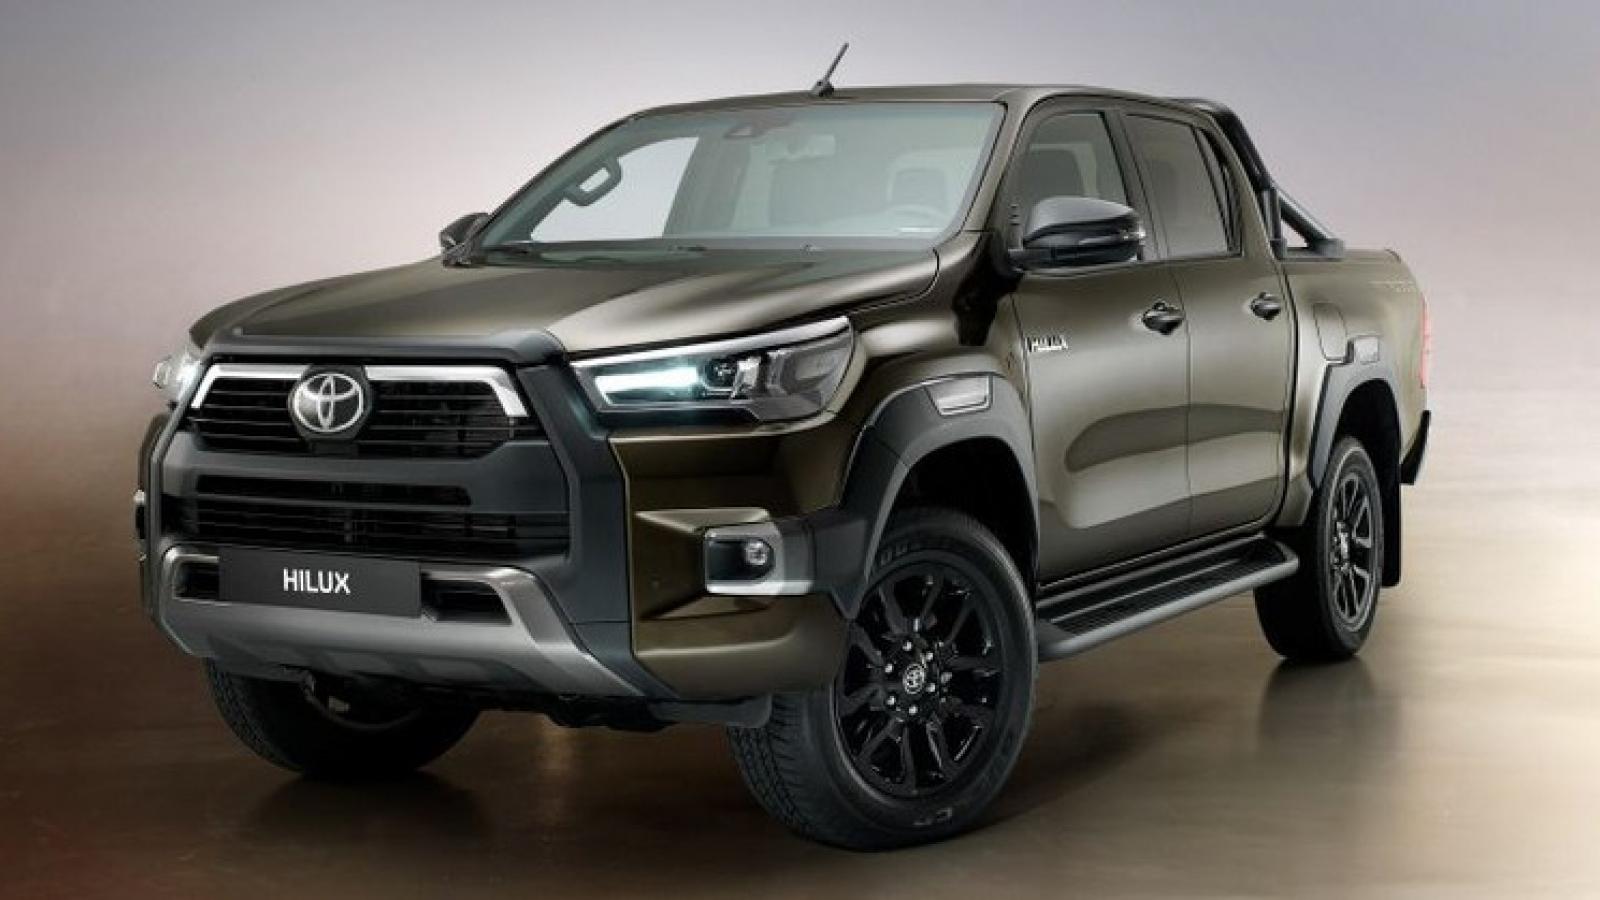 Hình ảnh chi tiết Toyota Hilux phiên bản nâng cấp 2020